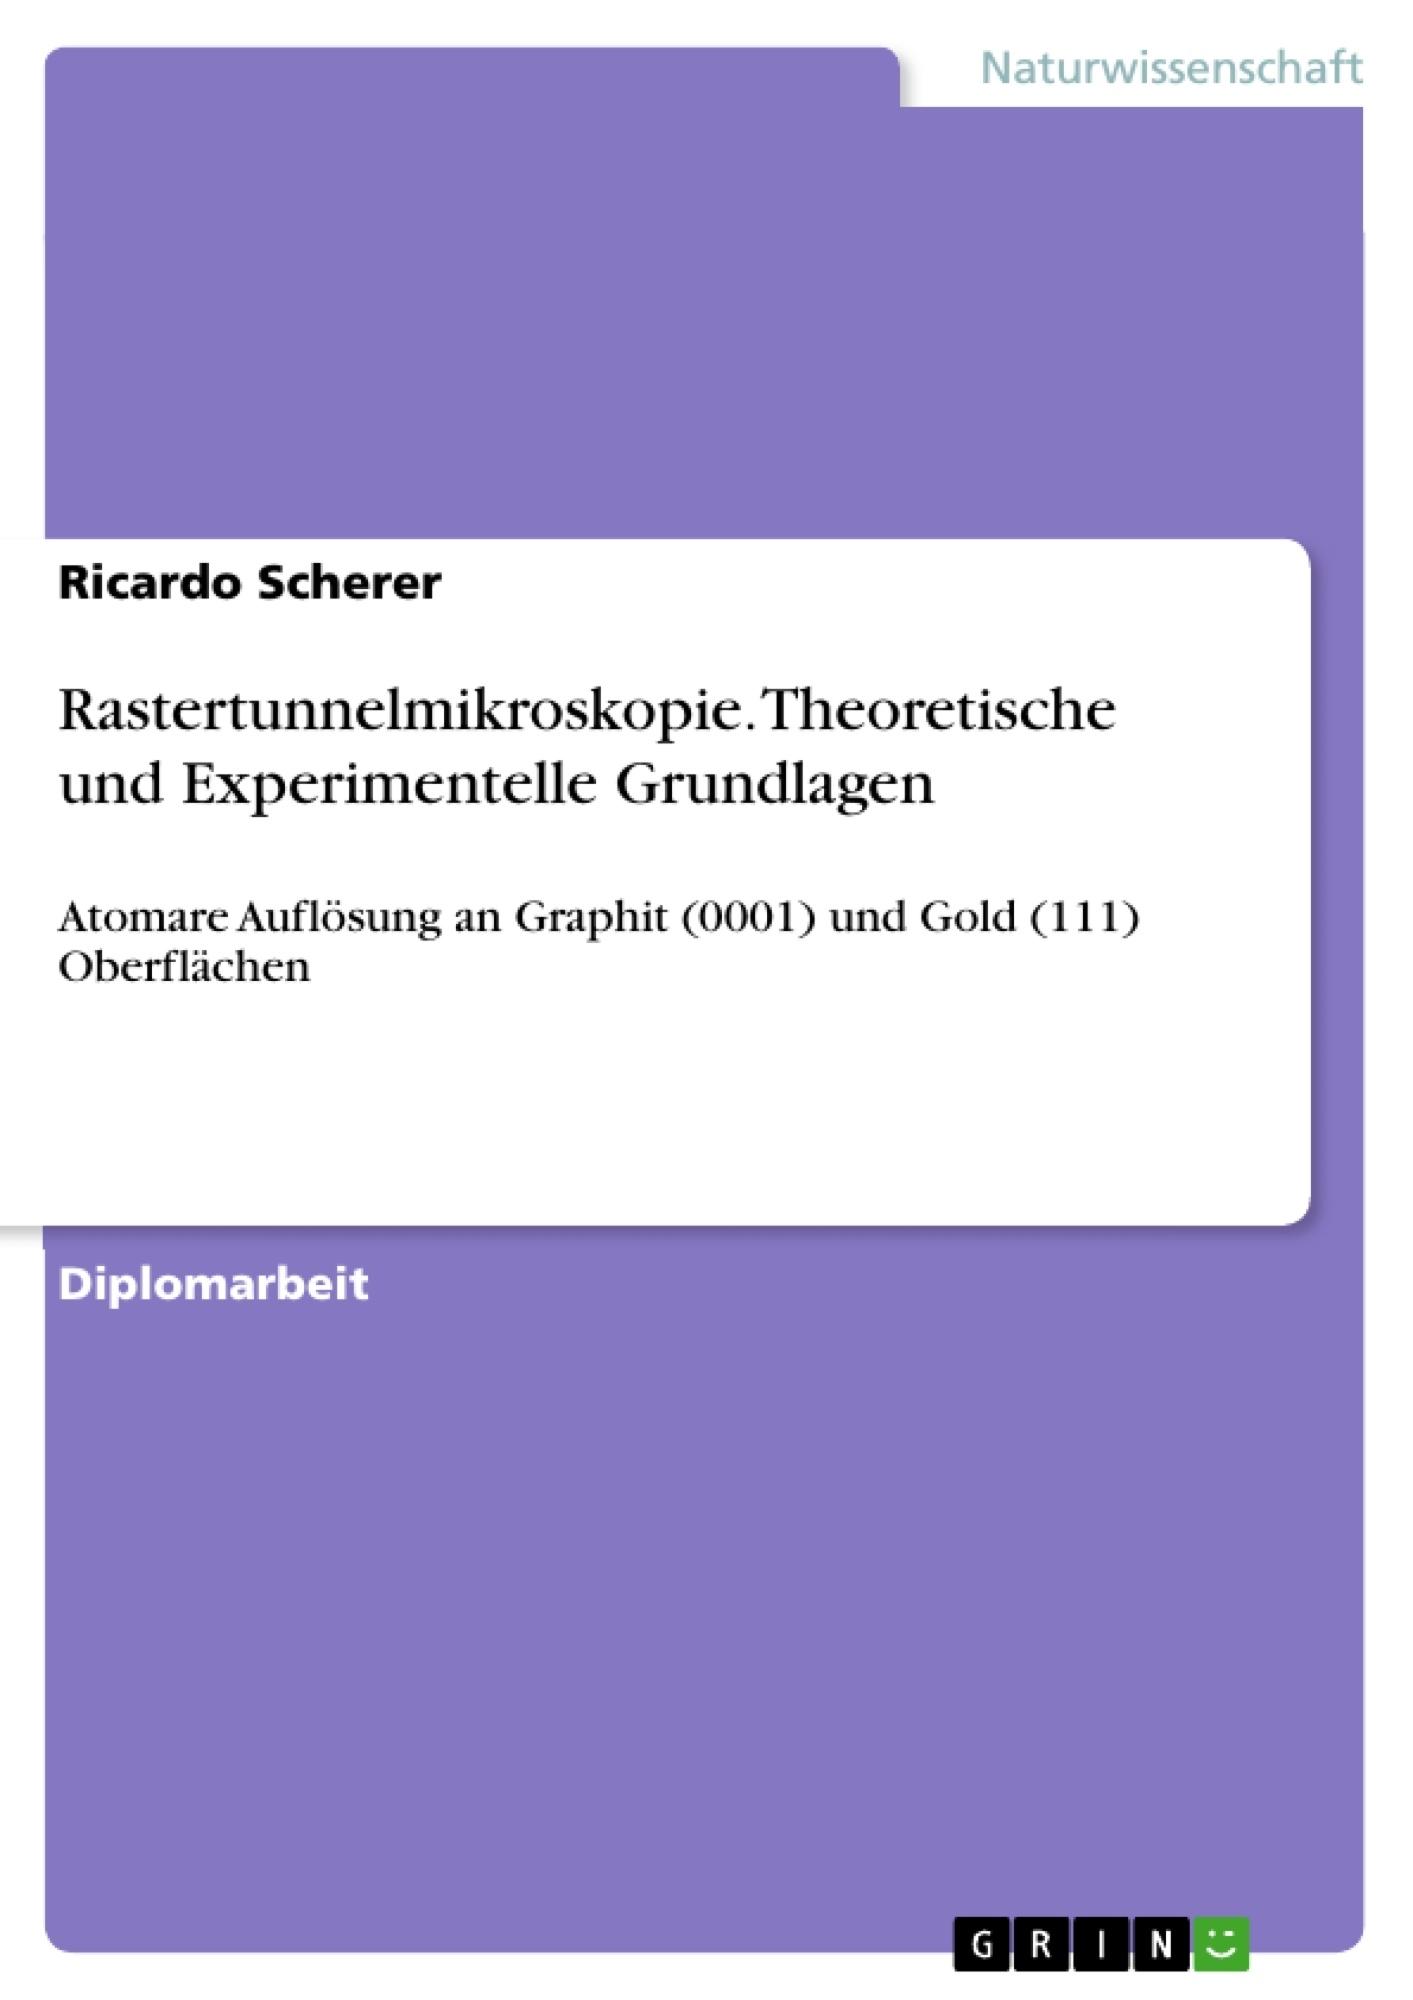 Titel: Rastertunnelmikroskopie. Theoretische und Experimentelle Grundlagen